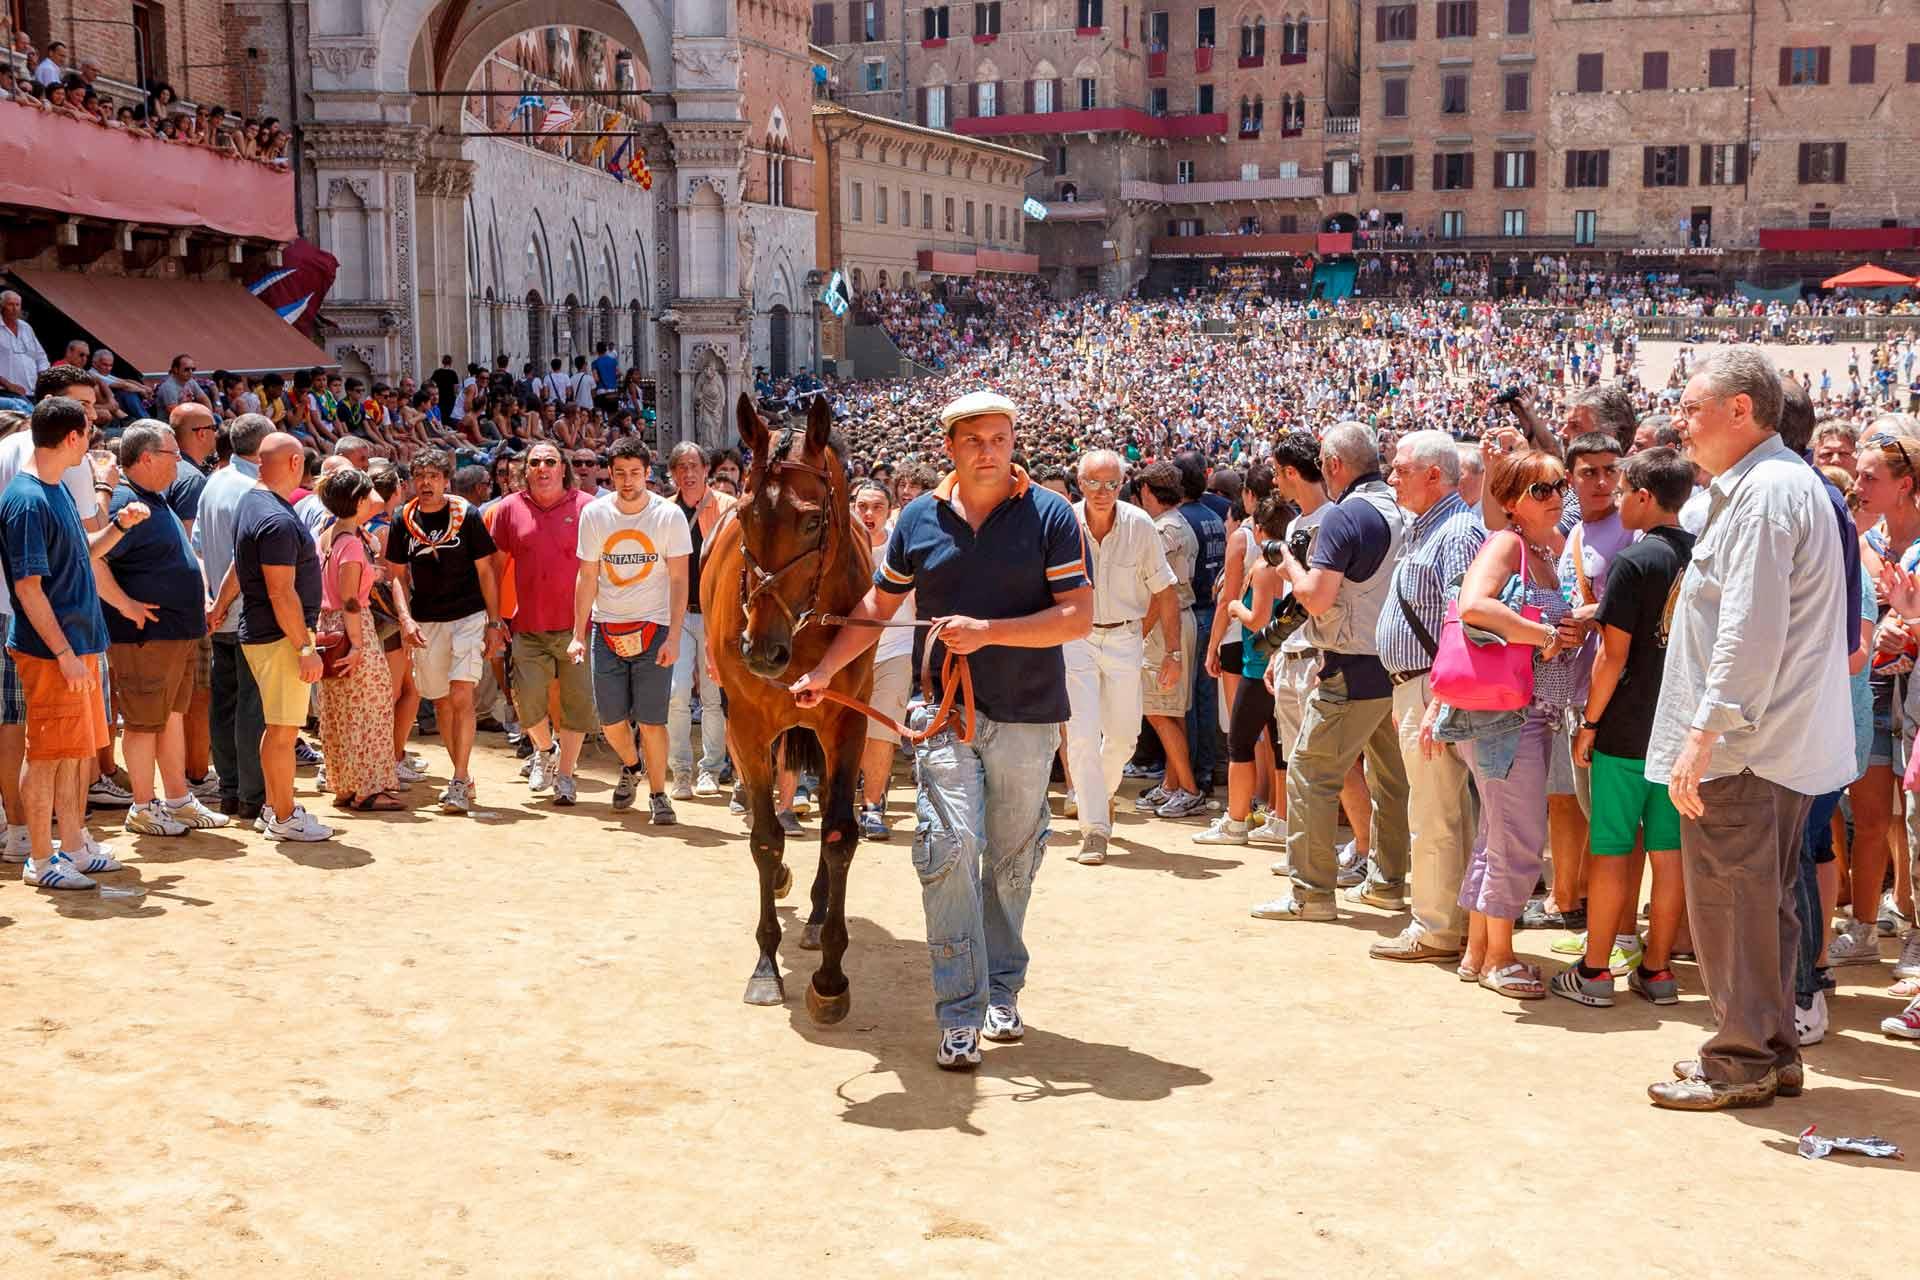 LE TIRAGE - Lorsque la contrada re?oit le cheval tir?, le Bararesco le reprend jusqu'? la fin du Palio. Le cheval ne peut ?tre remplac? pour aucune raison.